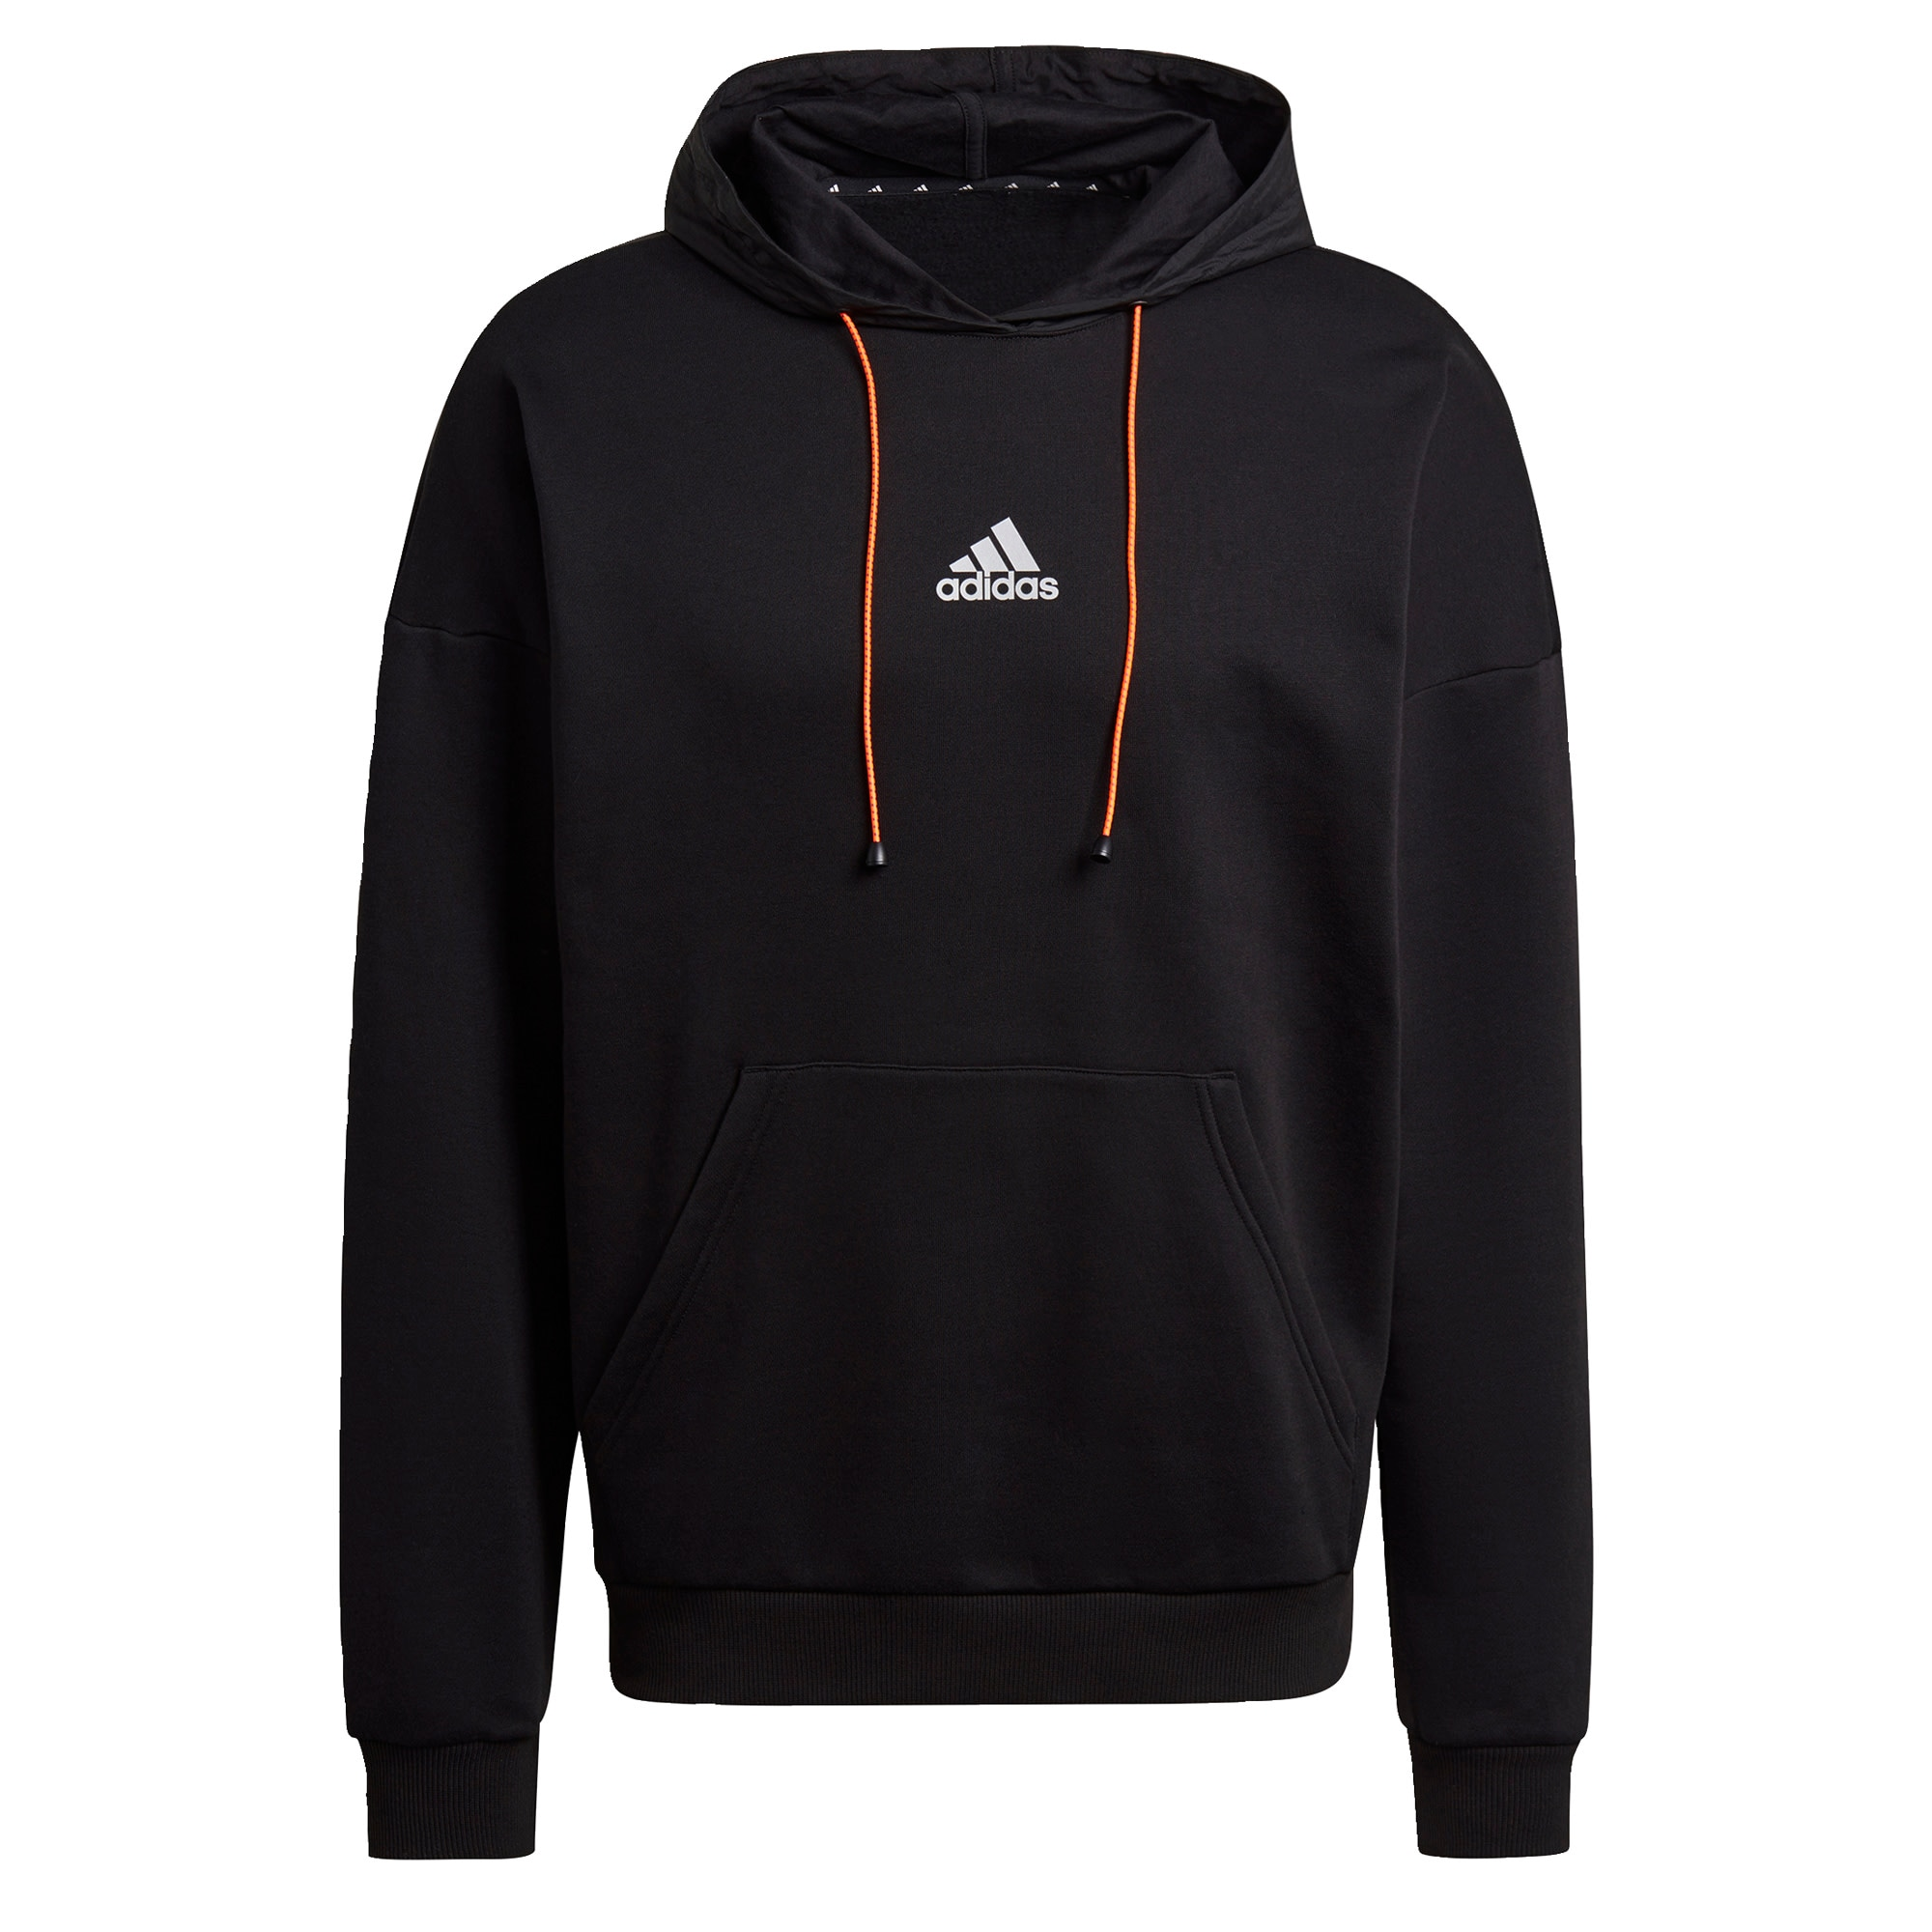 ADIDAS PERFORMANCE Sportinio tipo megztinis juoda / mėlyna / šviesiai raudona / šviesiai pilka